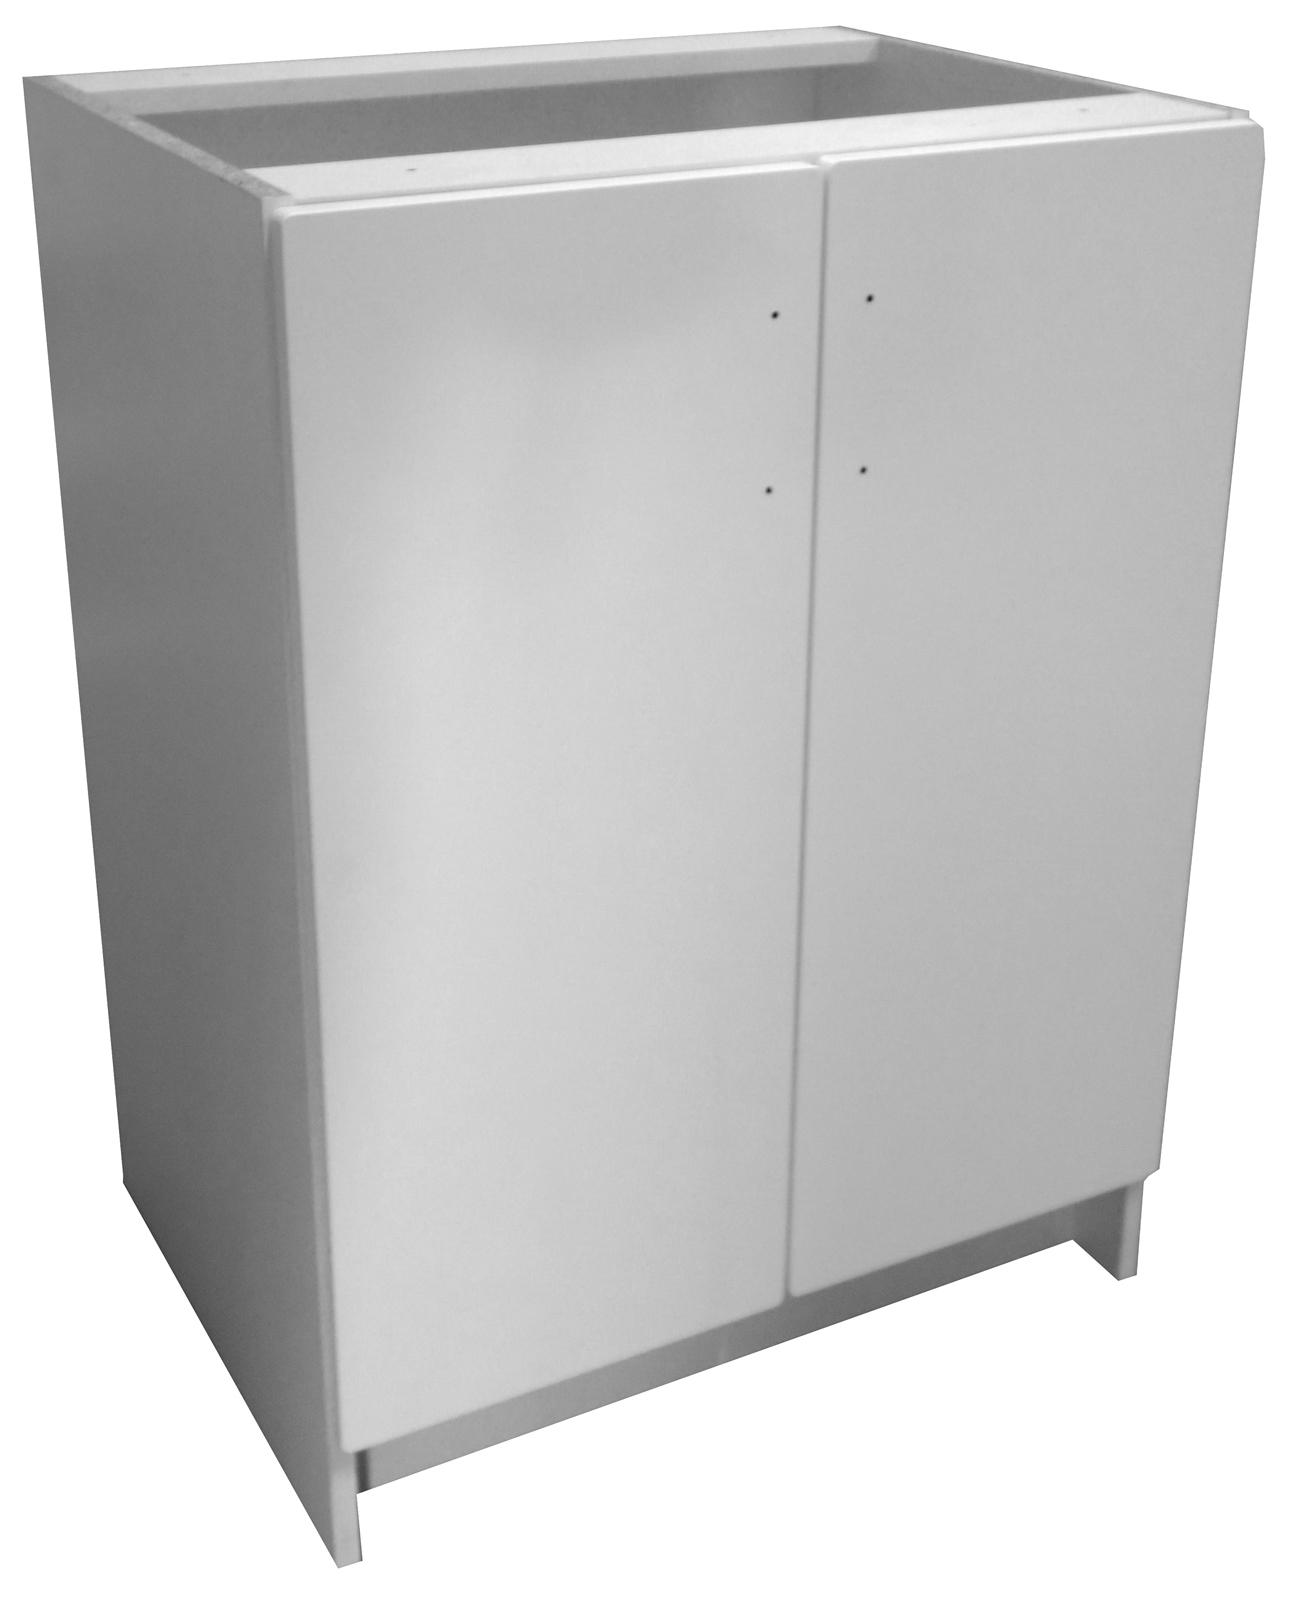 Spodní kuchyňská skříňka 60 cm 2D - výprodej